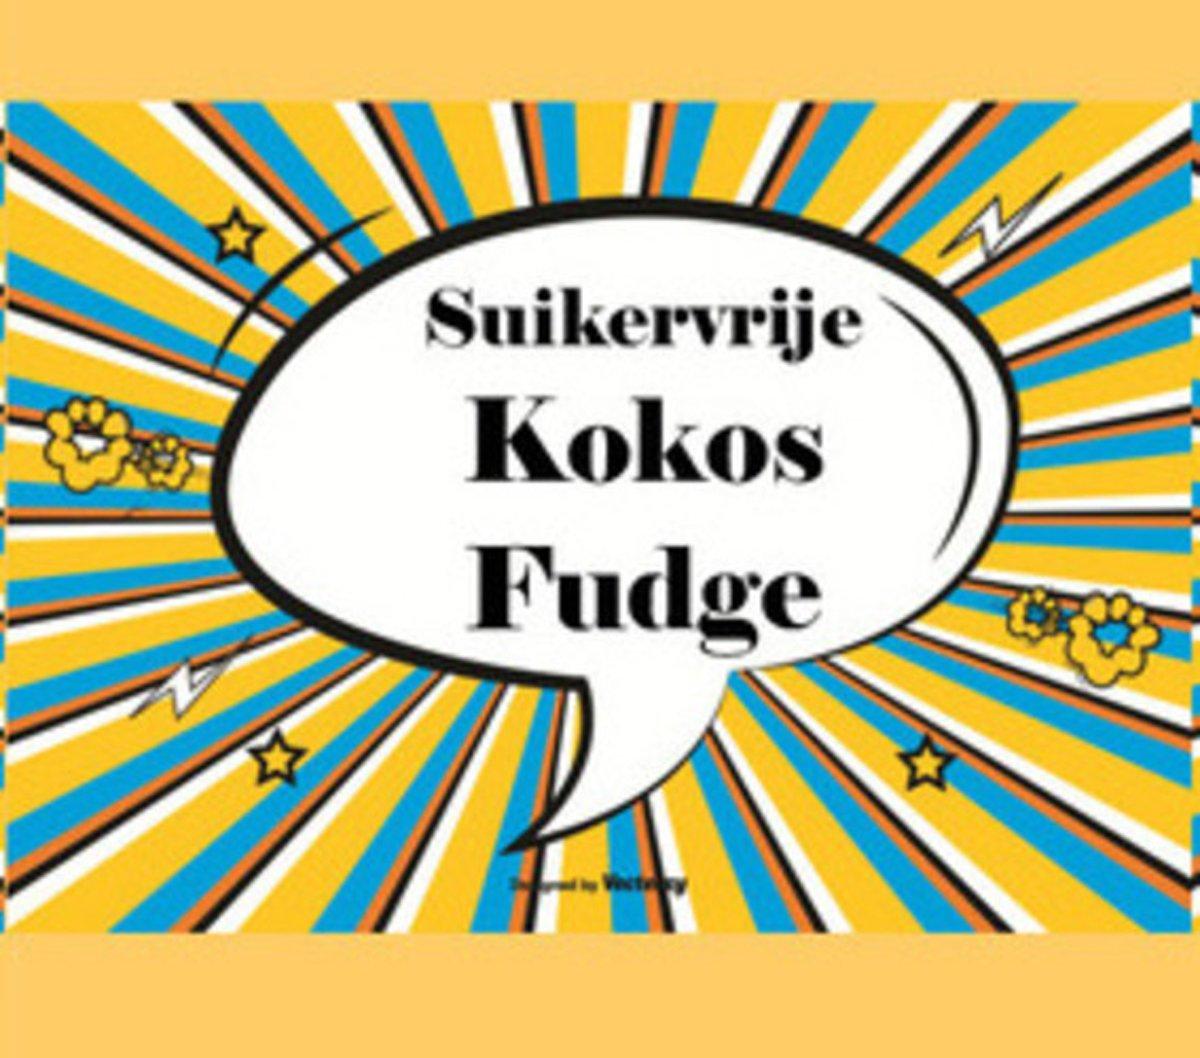 Kokos Karamel Fudge Suikervrij kopen